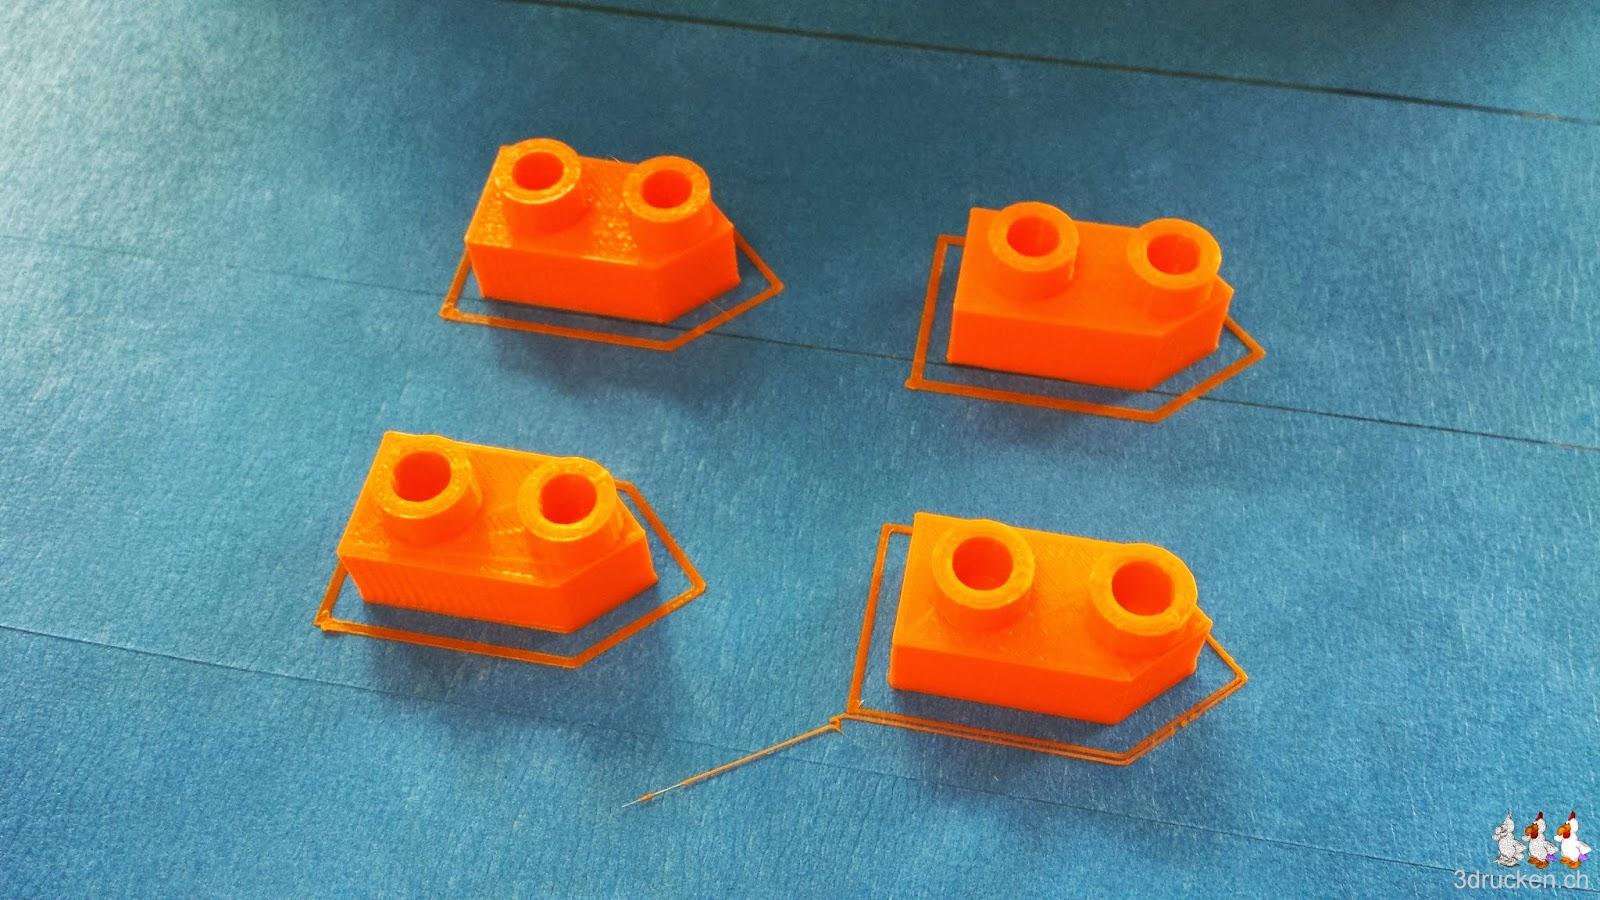 Foto von vier 2er-Schiffen aus orangem PLA auf dem Drucktisch eines Ultimaker Original